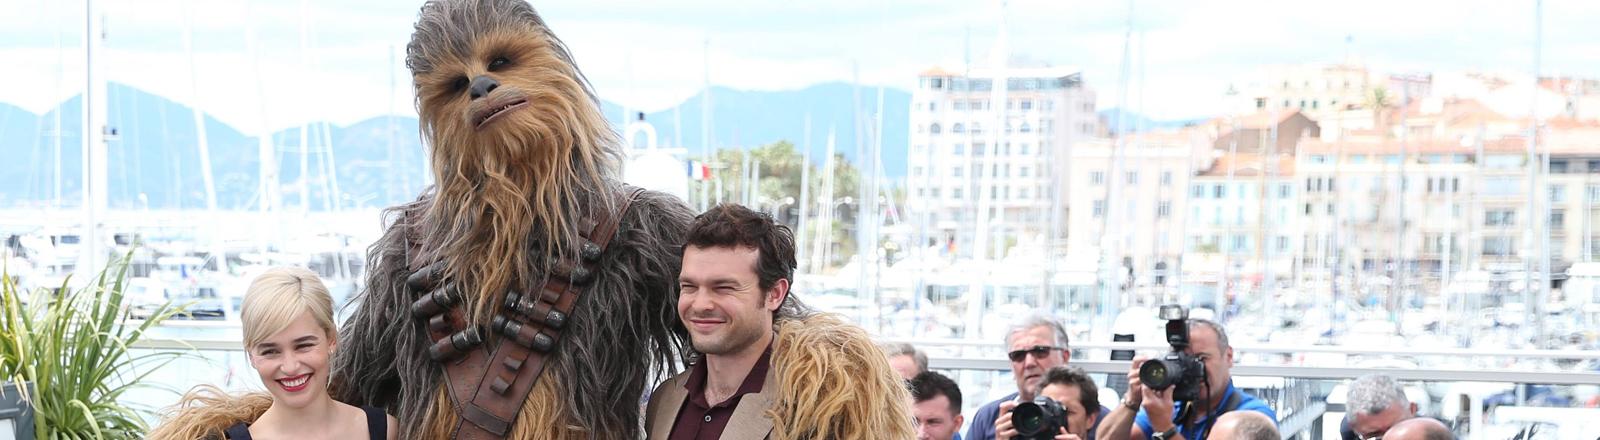 Emilia Clarke, Chewbacca, Alden Ehrenreich in Cannes 2018